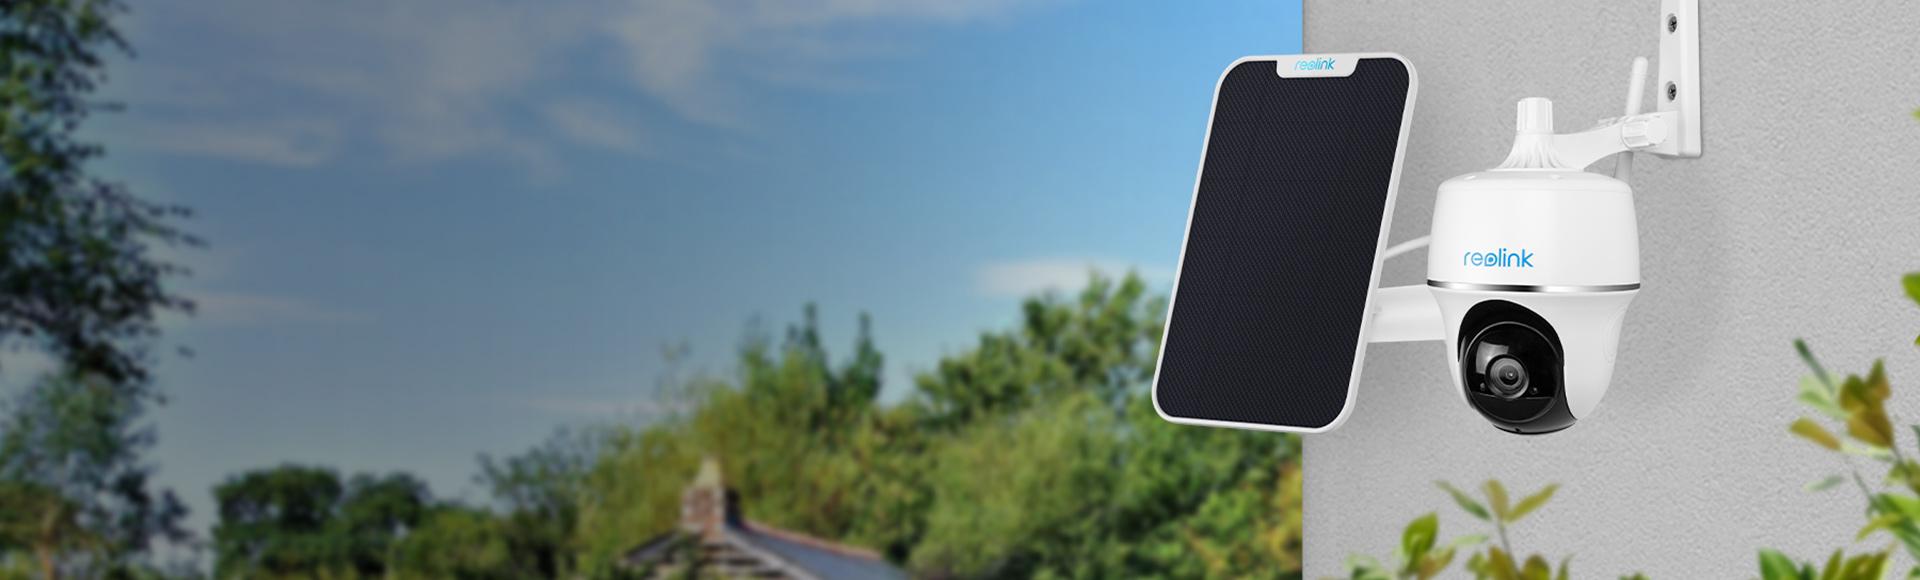 Kabellose IP Kamera mit Solarbetrieb, Schwenk- und Neigefunktion